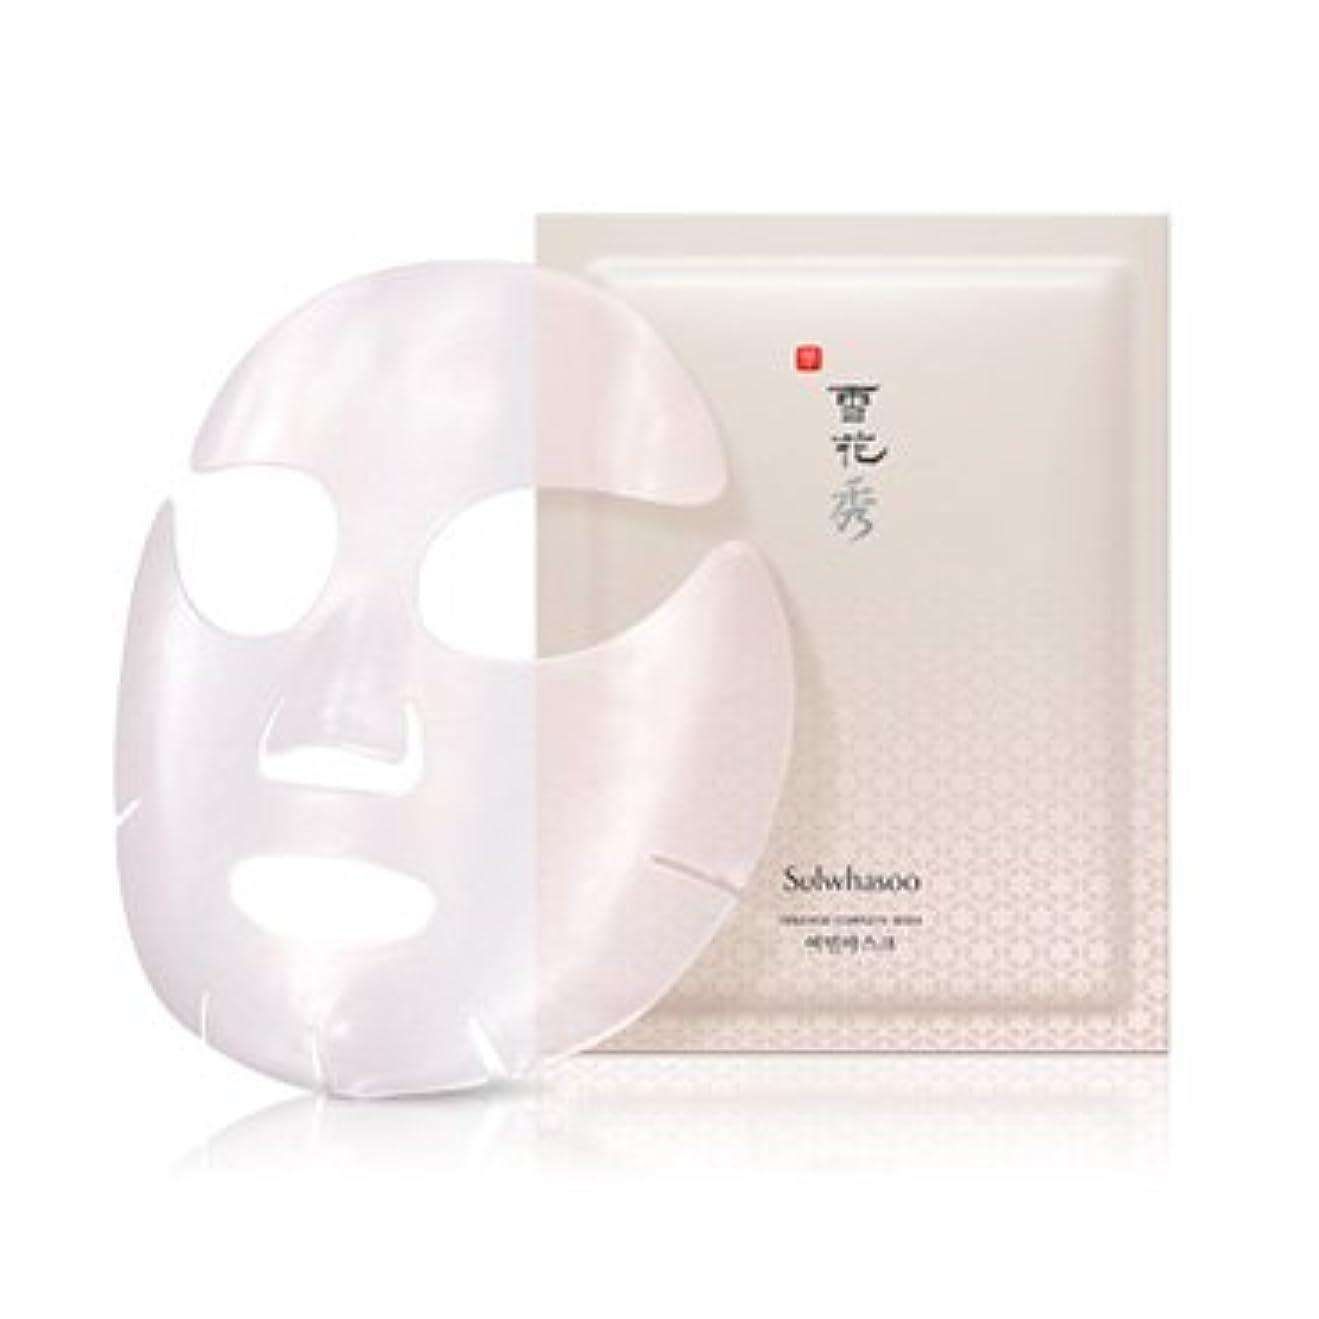 雪花秀(ソルファス)ヨミンマスク(Innerise Complete Mask)5枚入